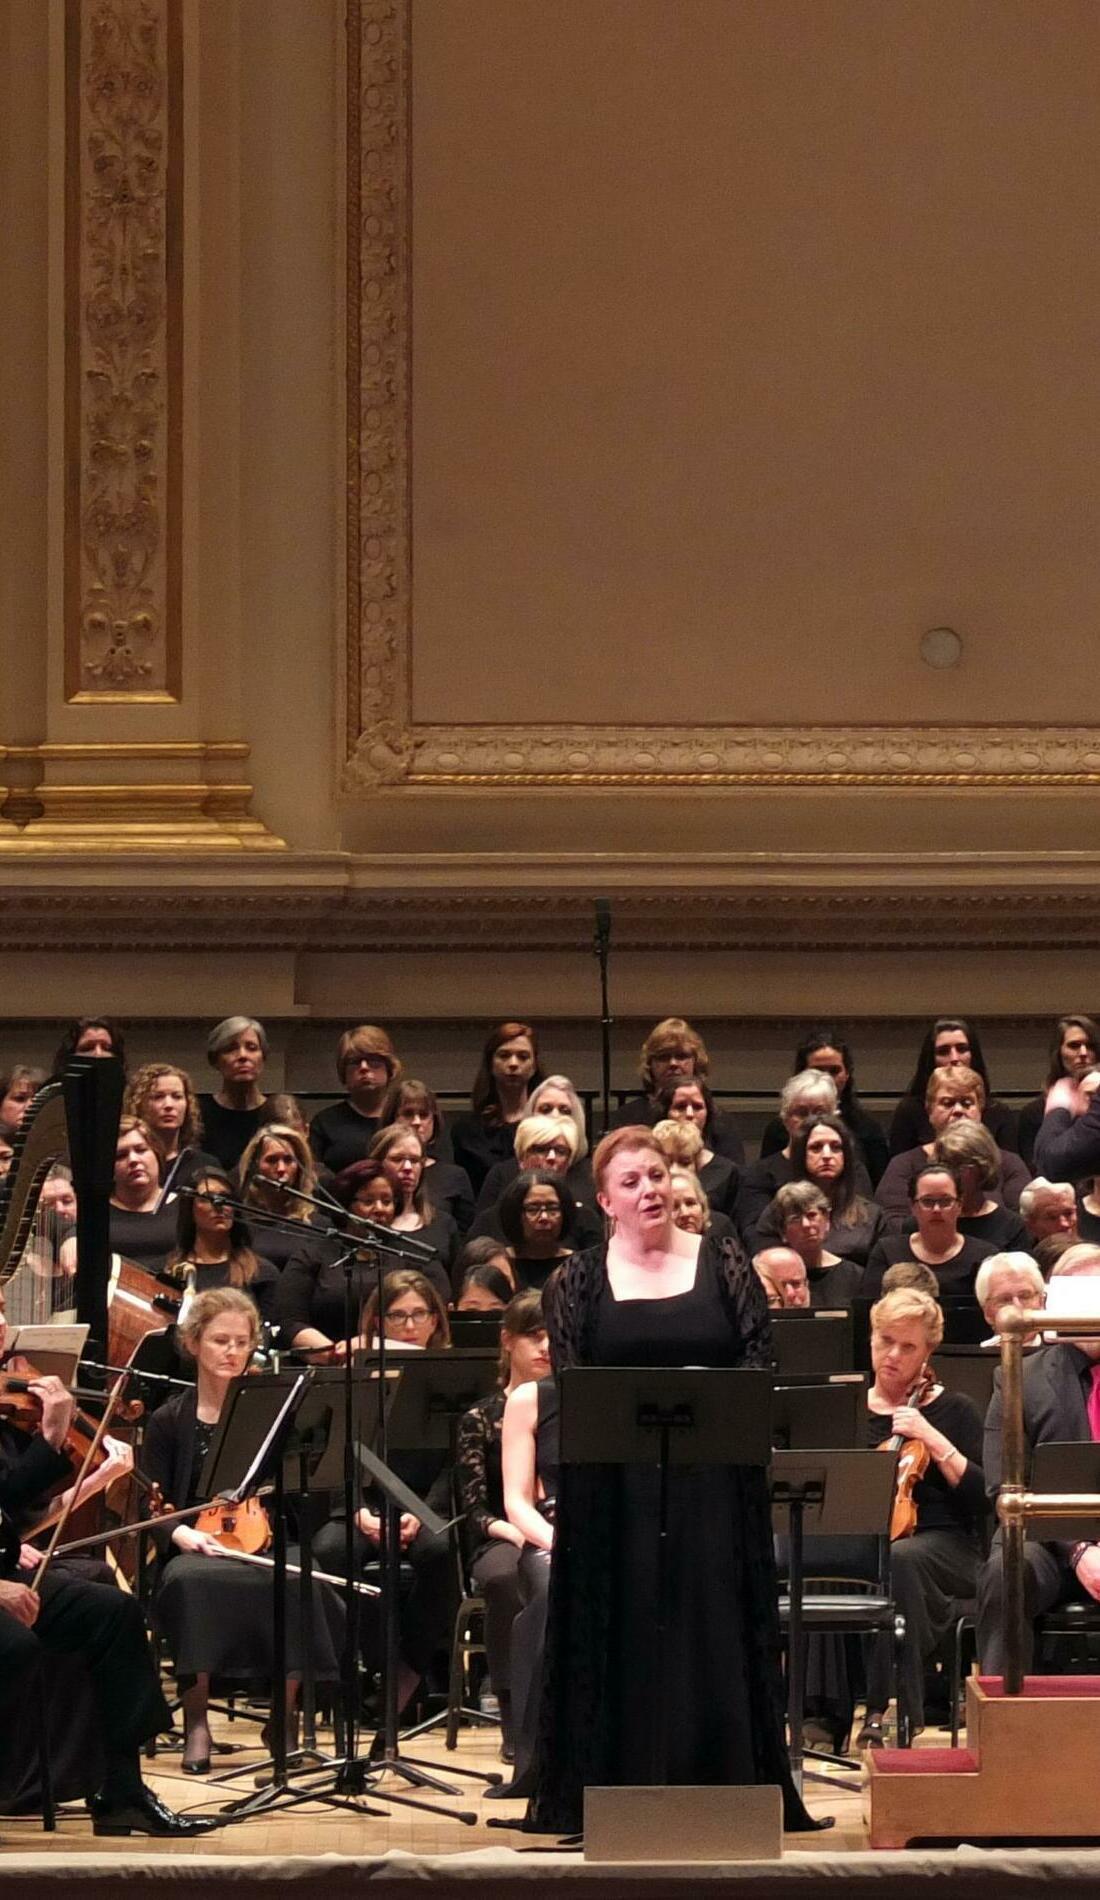 A St. Louis Symphony live event